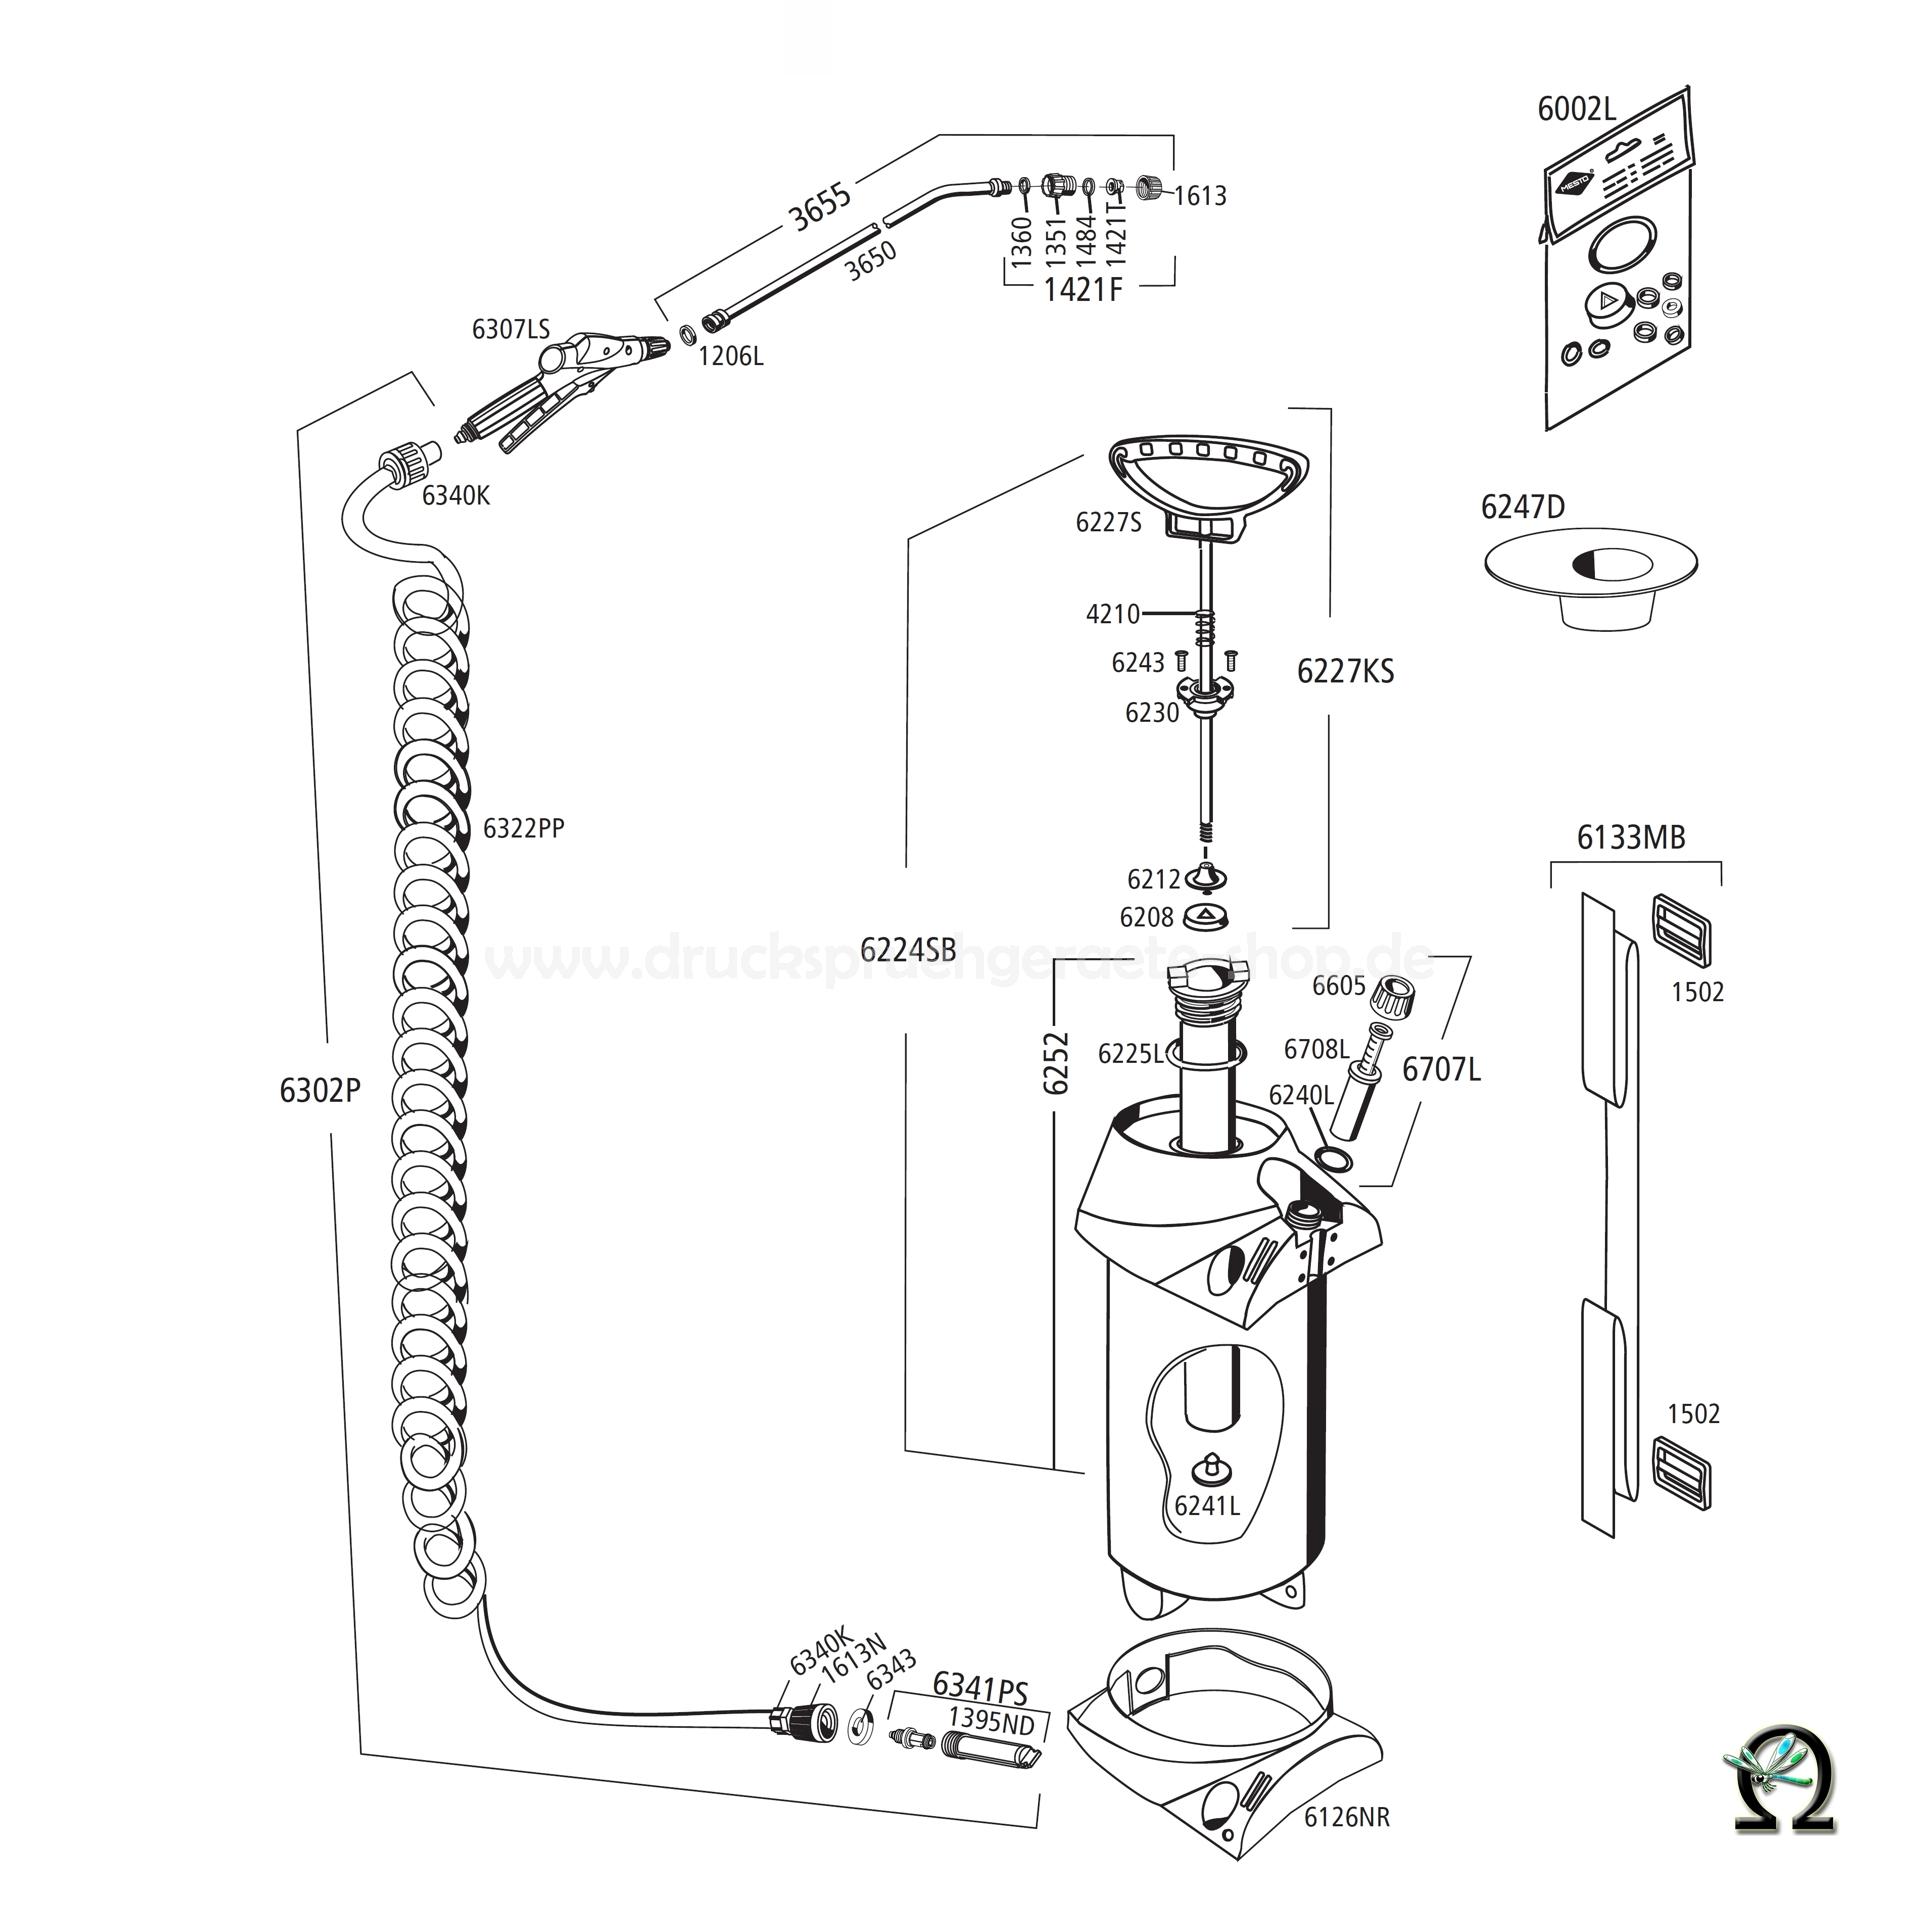 MESTO Drucksprühgerät 3275P PROFI PLUS Zeichnung der Einzelteile